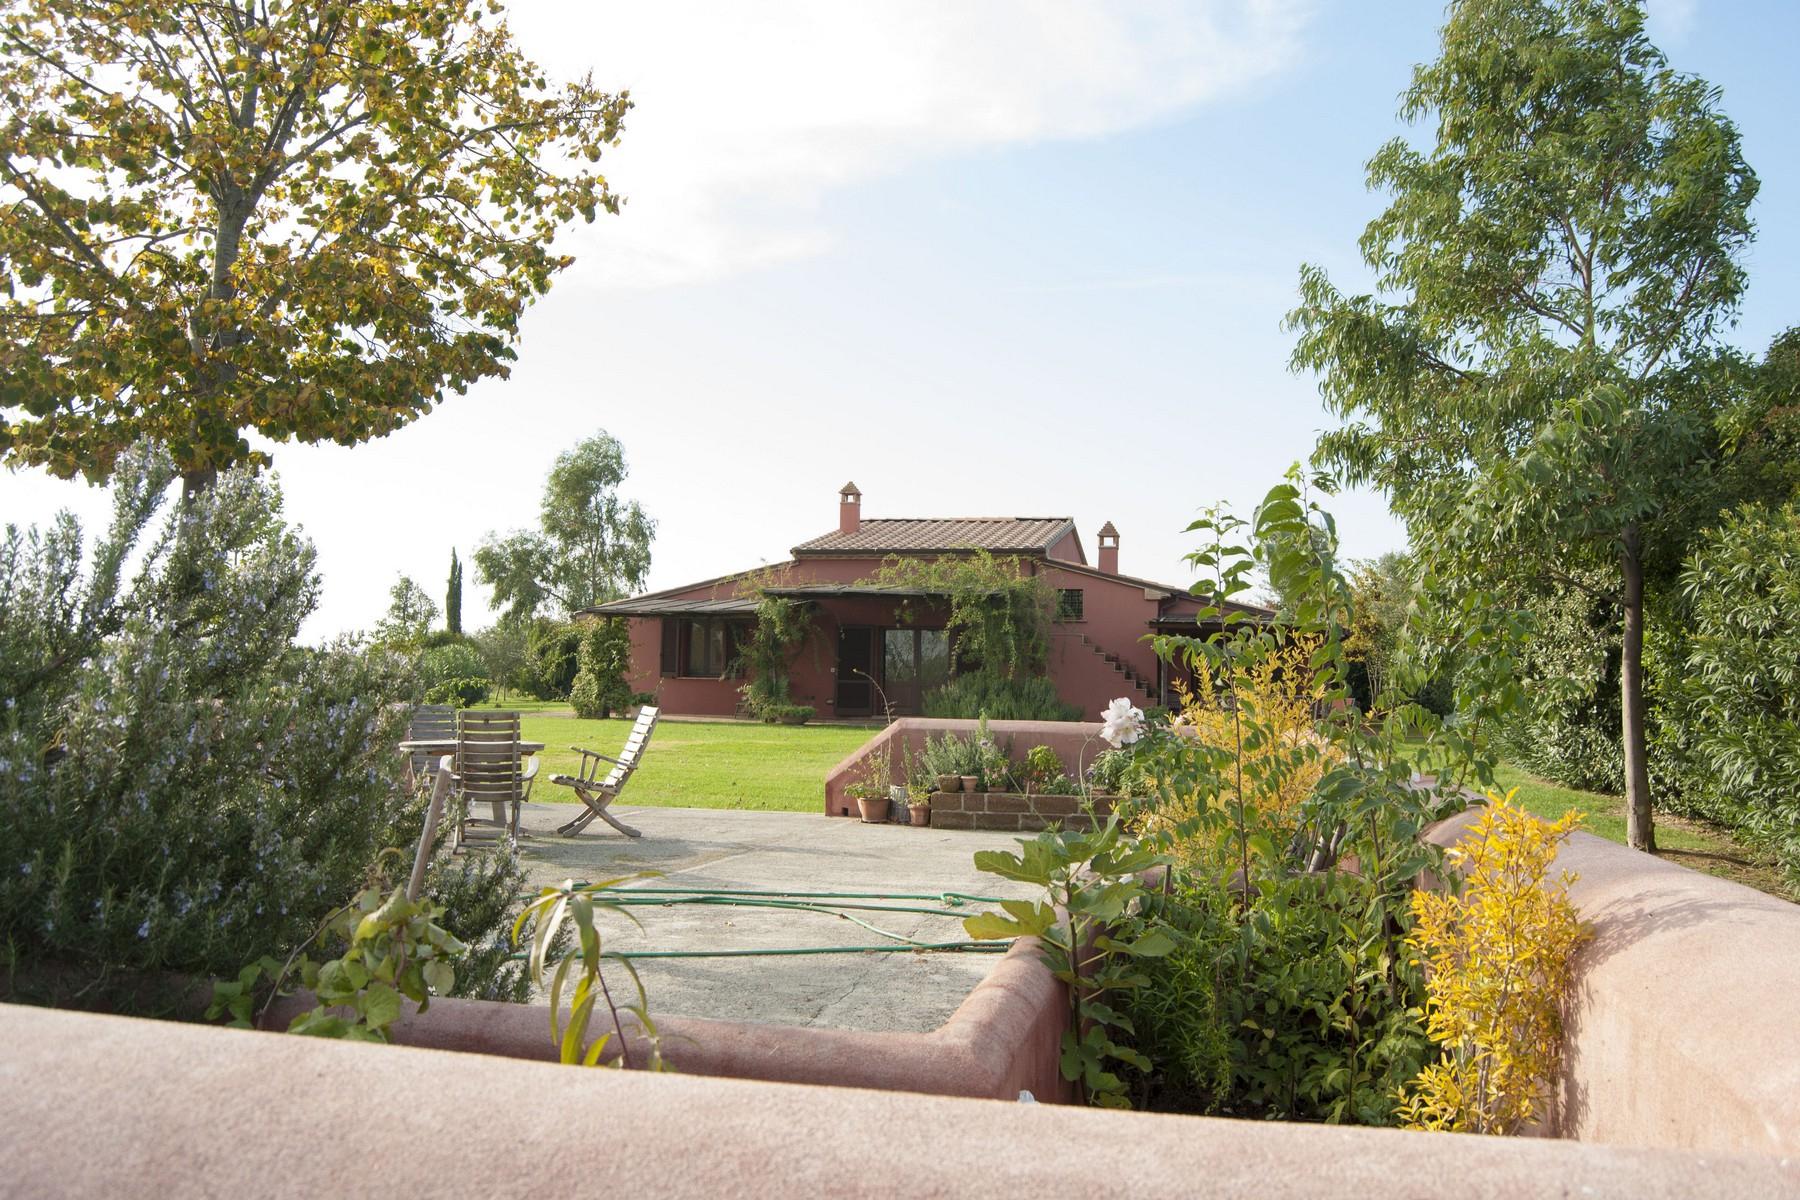 Villa in Vendita a Magliano In Toscana: 4 locali, 180 mq